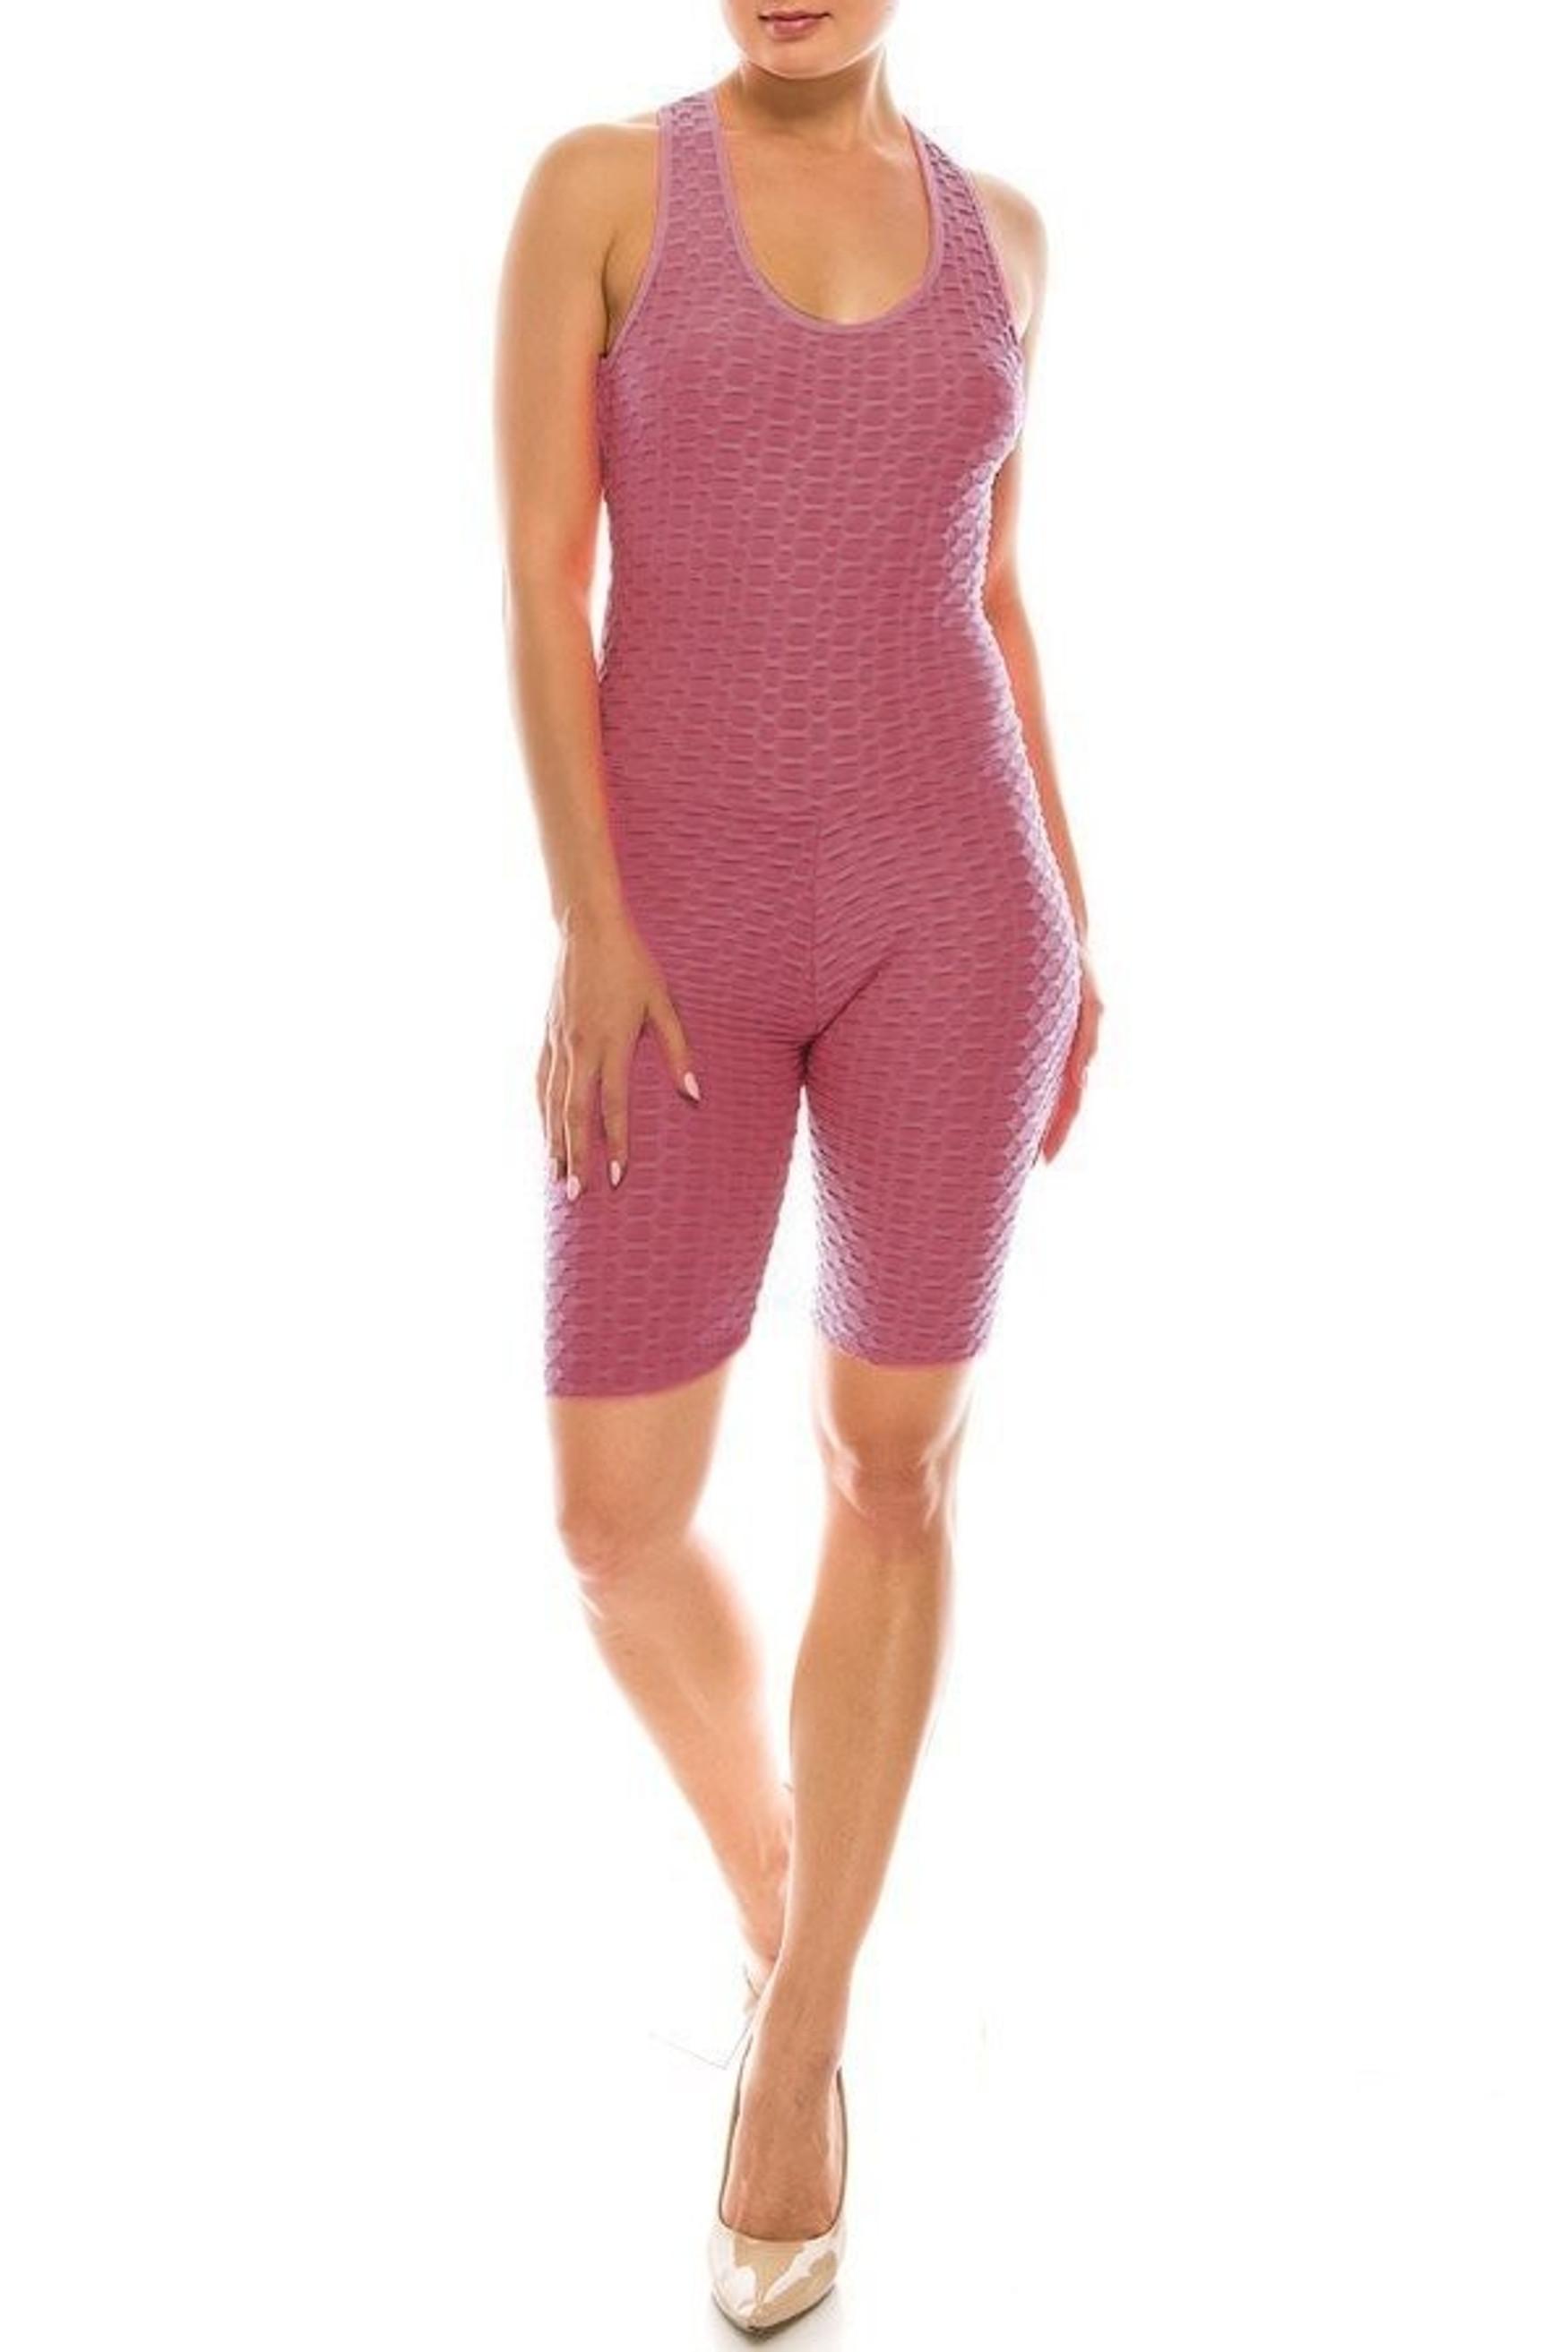 Premium Criss Cross Scrunch Butt Biker Short Bodysuit